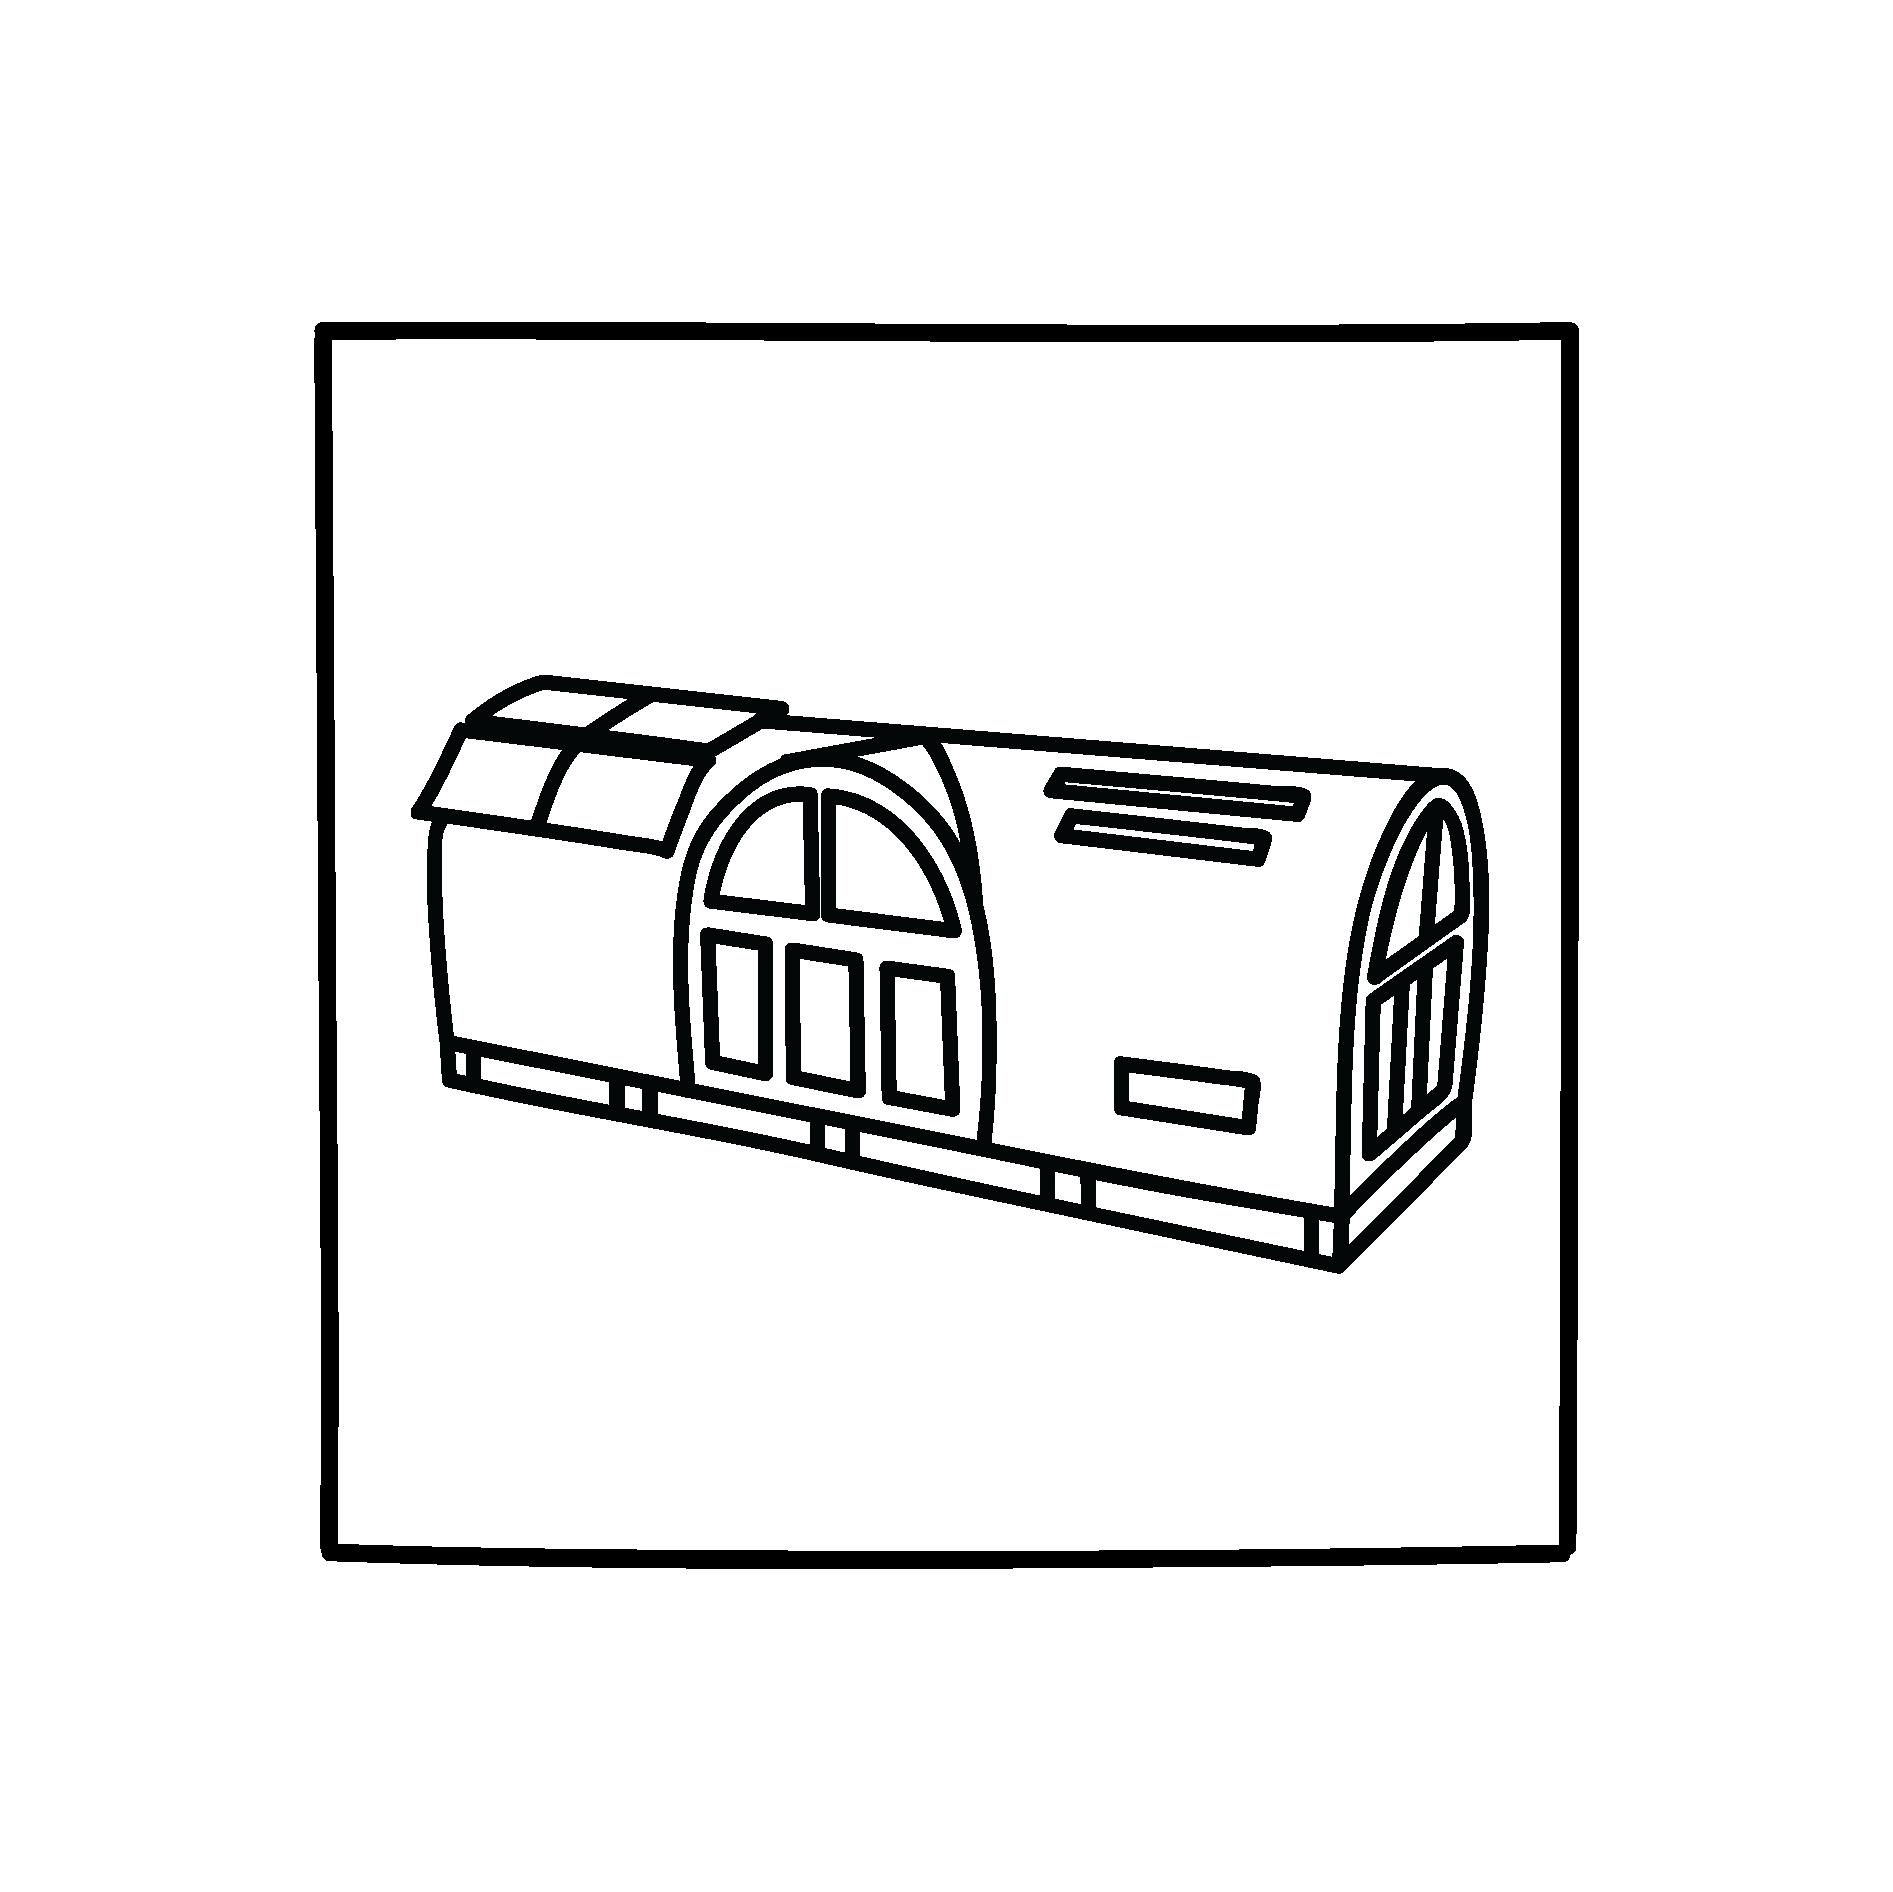 Knapillustrationsforpete-19.png